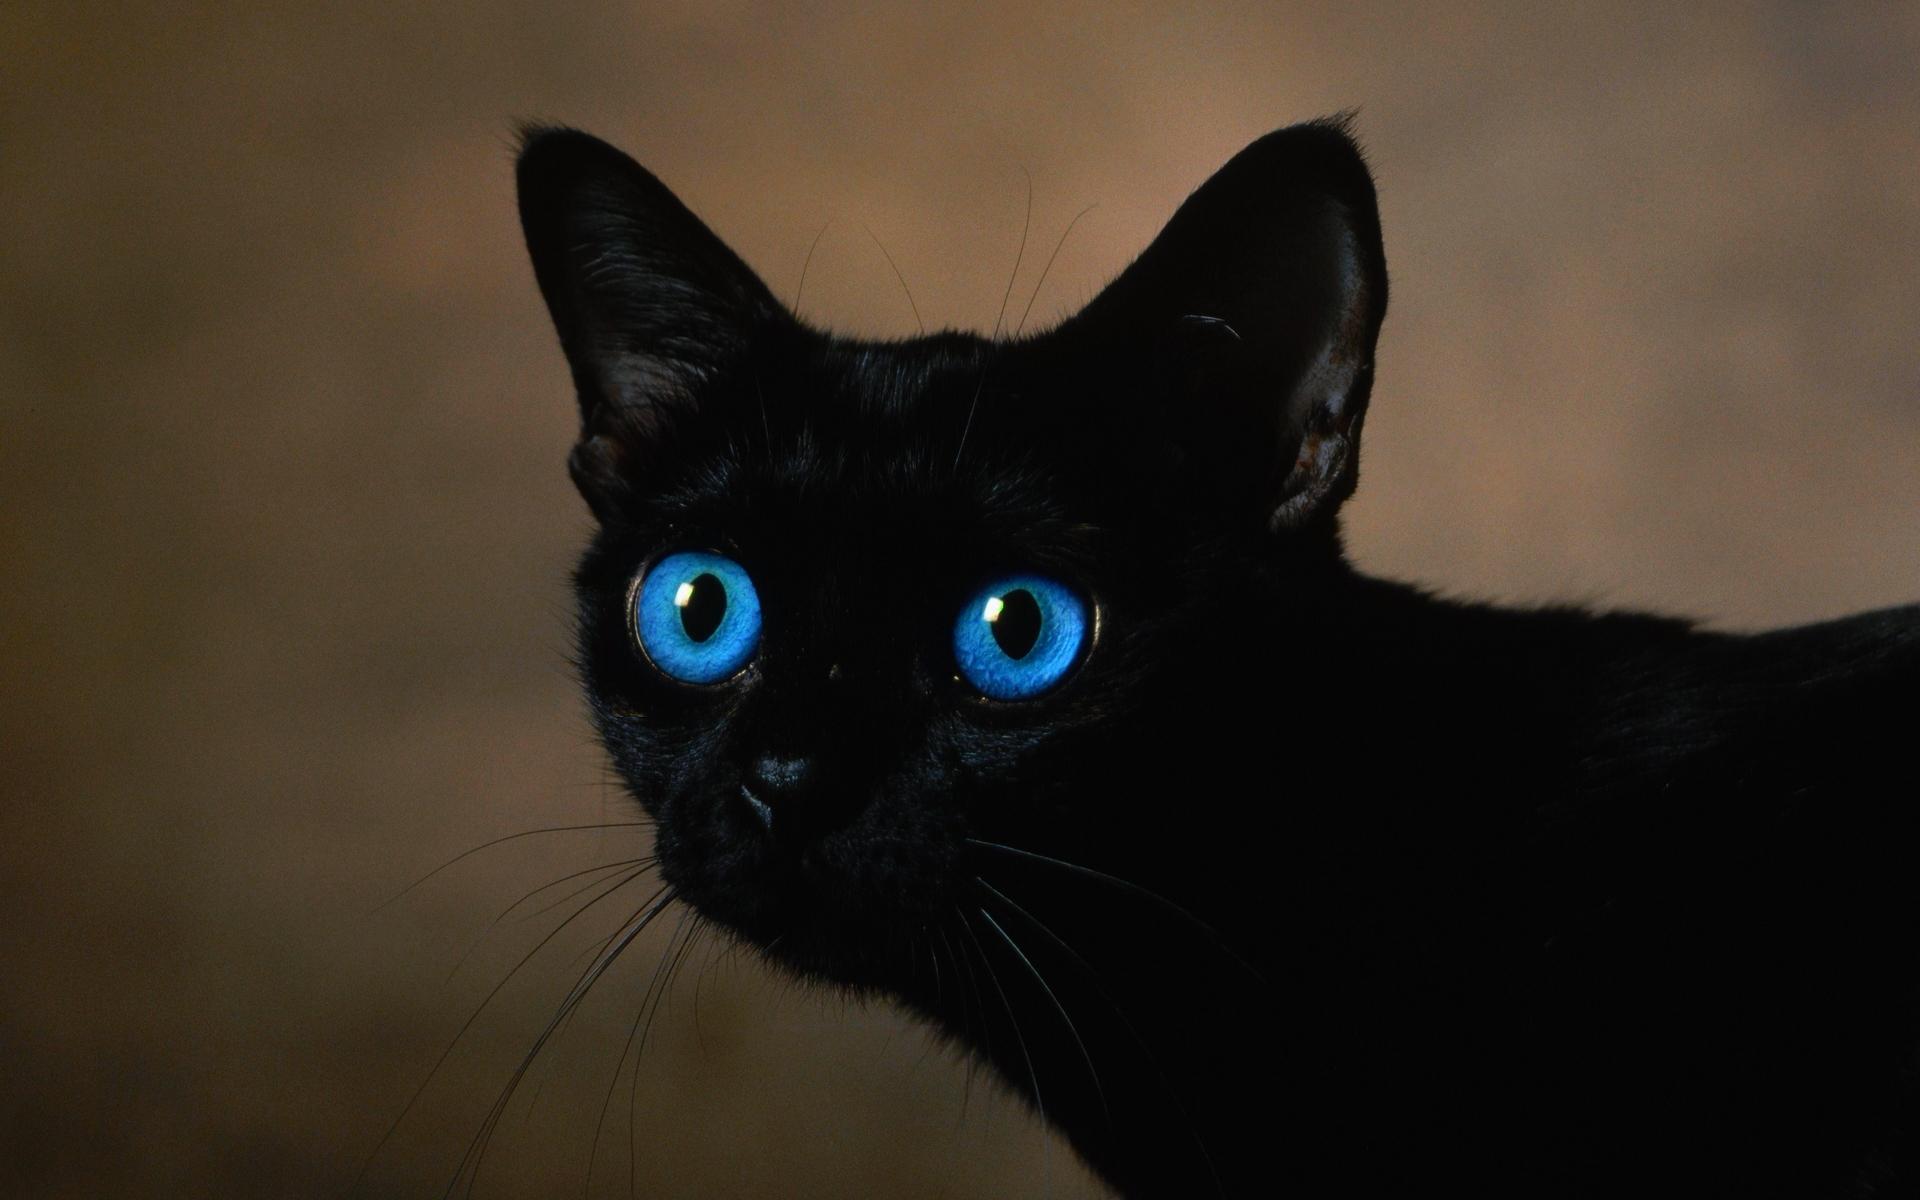 بالصور عيون زرقاء , صور لاجمل العيون الملونة 3586 8